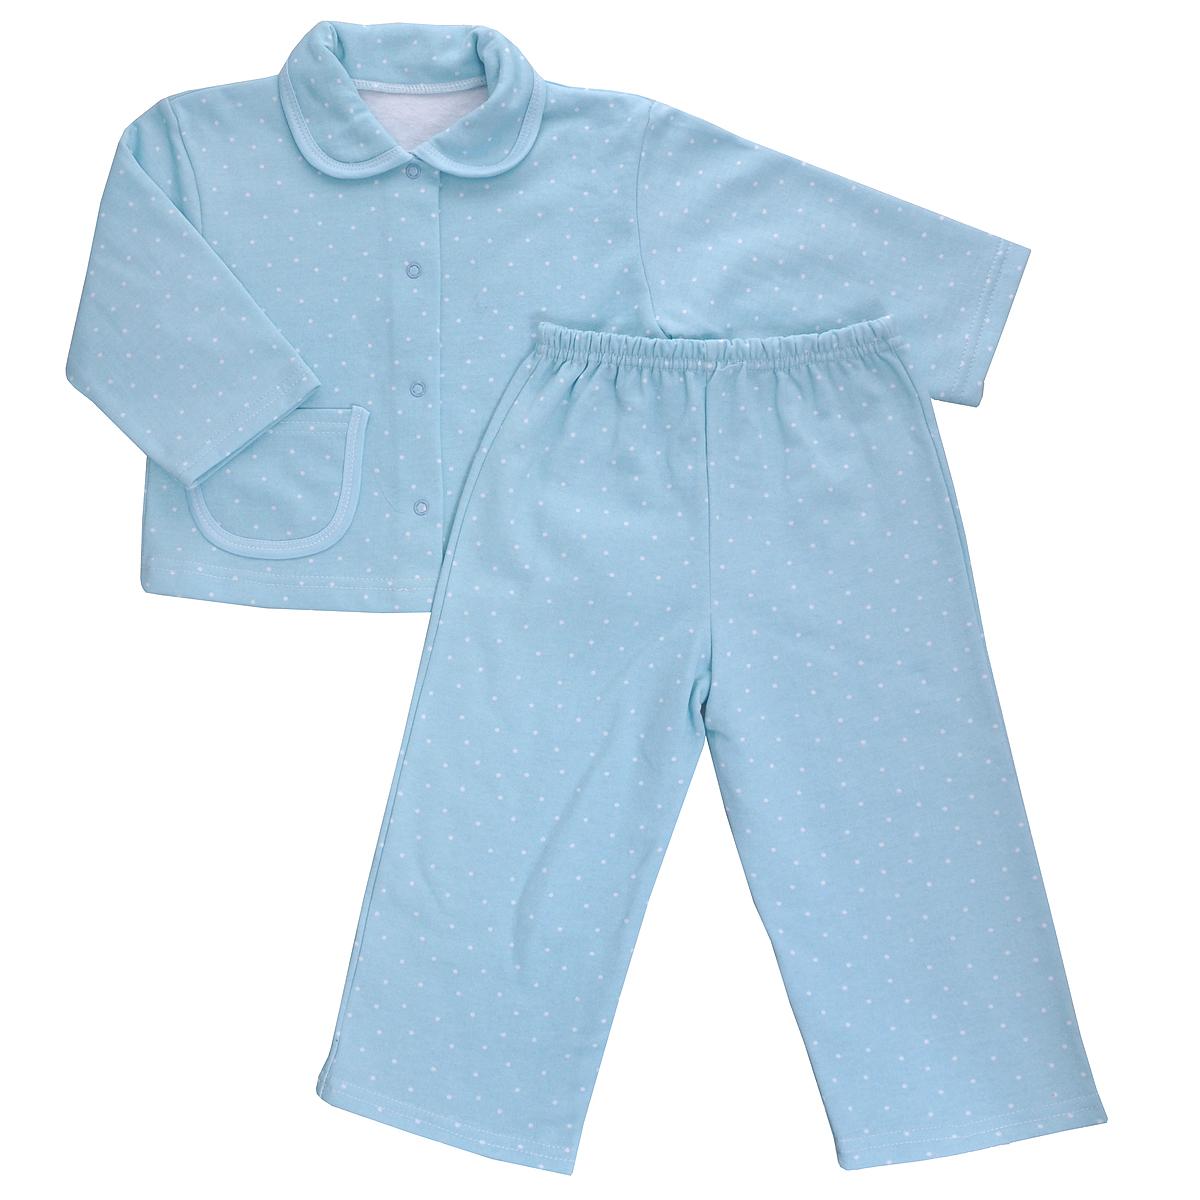 Пижама детская Трон-плюс, цвет: голубой, белый, рисунок горох. 5552. Размер 110/116, 4-8 лет5552Яркая детская пижама Трон-плюс, состоящая из кофточки и штанишек, идеально подойдет вашему малышу и станет отличным дополнением к детскому гардеробу. Теплая пижама, изготовленная из набивного футера - натурального хлопка, необычайно мягкая и легкая, не сковывает движения ребенка, позволяет коже дышать и не раздражает даже самую нежную и чувствительную кожу малыша. Кофта с длинными рукавами имеет отложной воротничок и застегивается на кнопки, также оформлена небольшим накладным карманчиком. Штанишки на удобной резинке не сдавливают животик ребенка и не сползают.В такой пижаме ваш ребенок будет чувствовать себя комфортно и уютно во время сна.